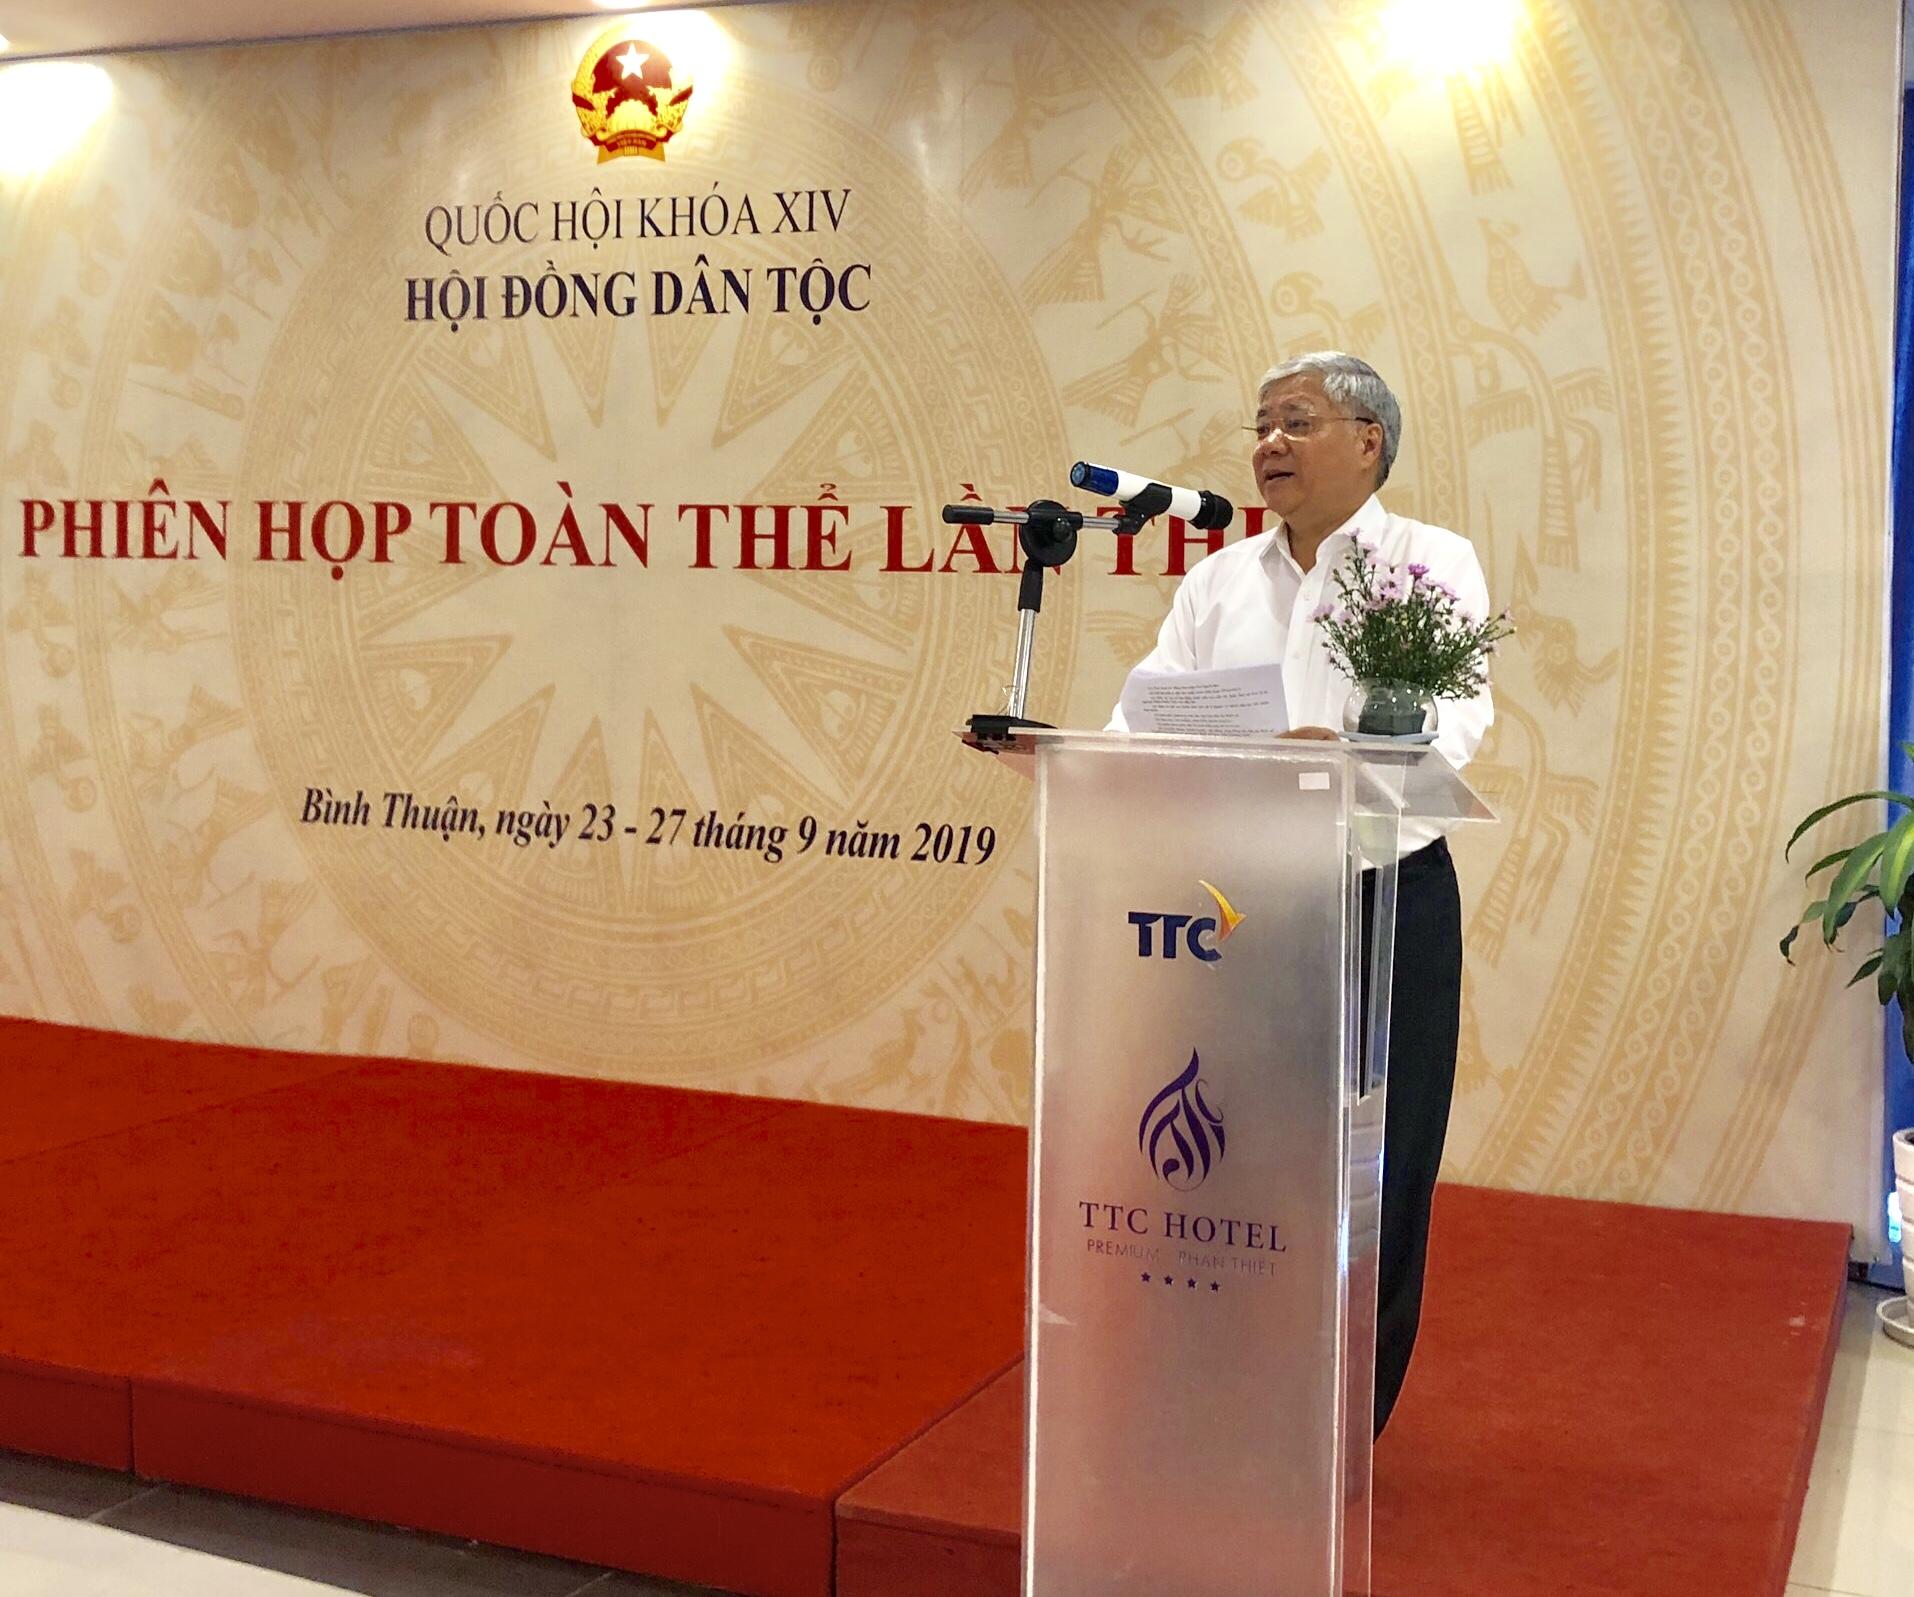 Bộ trưởng, Chủ nhiệm UBDT Đỗ Văn Chiến báo cáo tại Phiên họp.